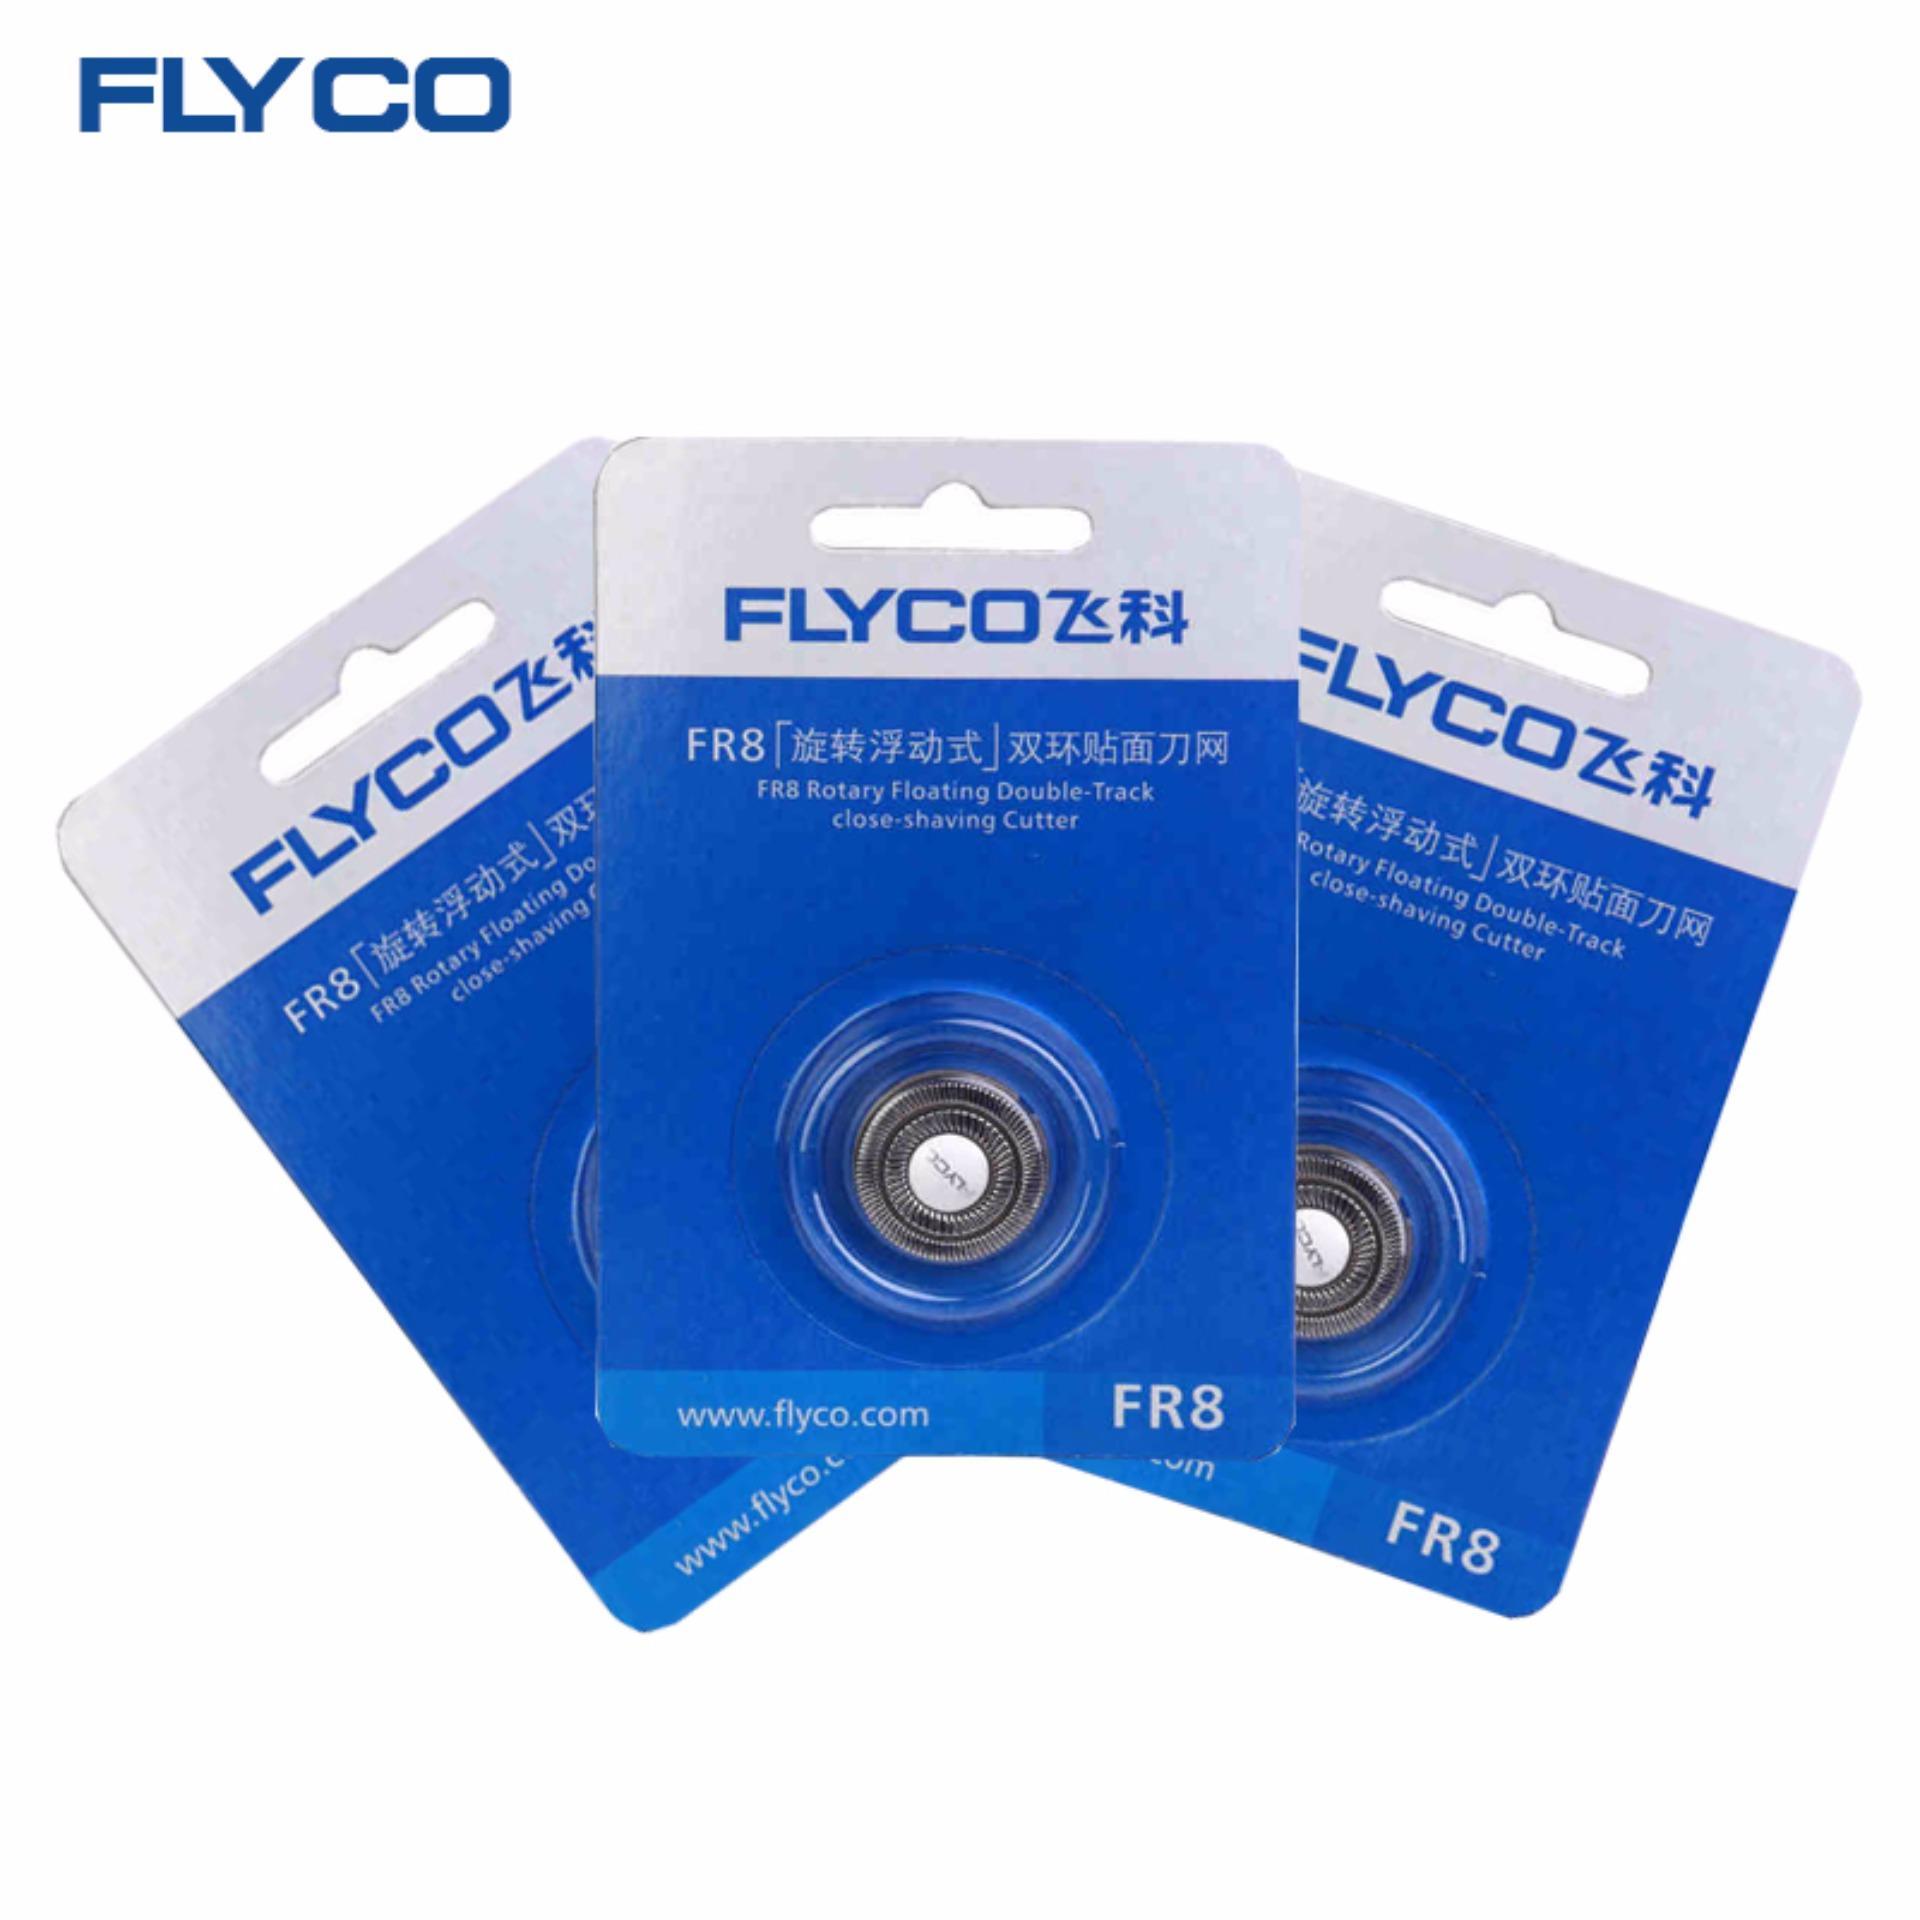 Giá Máy Cạo Râu Flyco & Khuyến mãi tháng Tháng 9 năm 2021